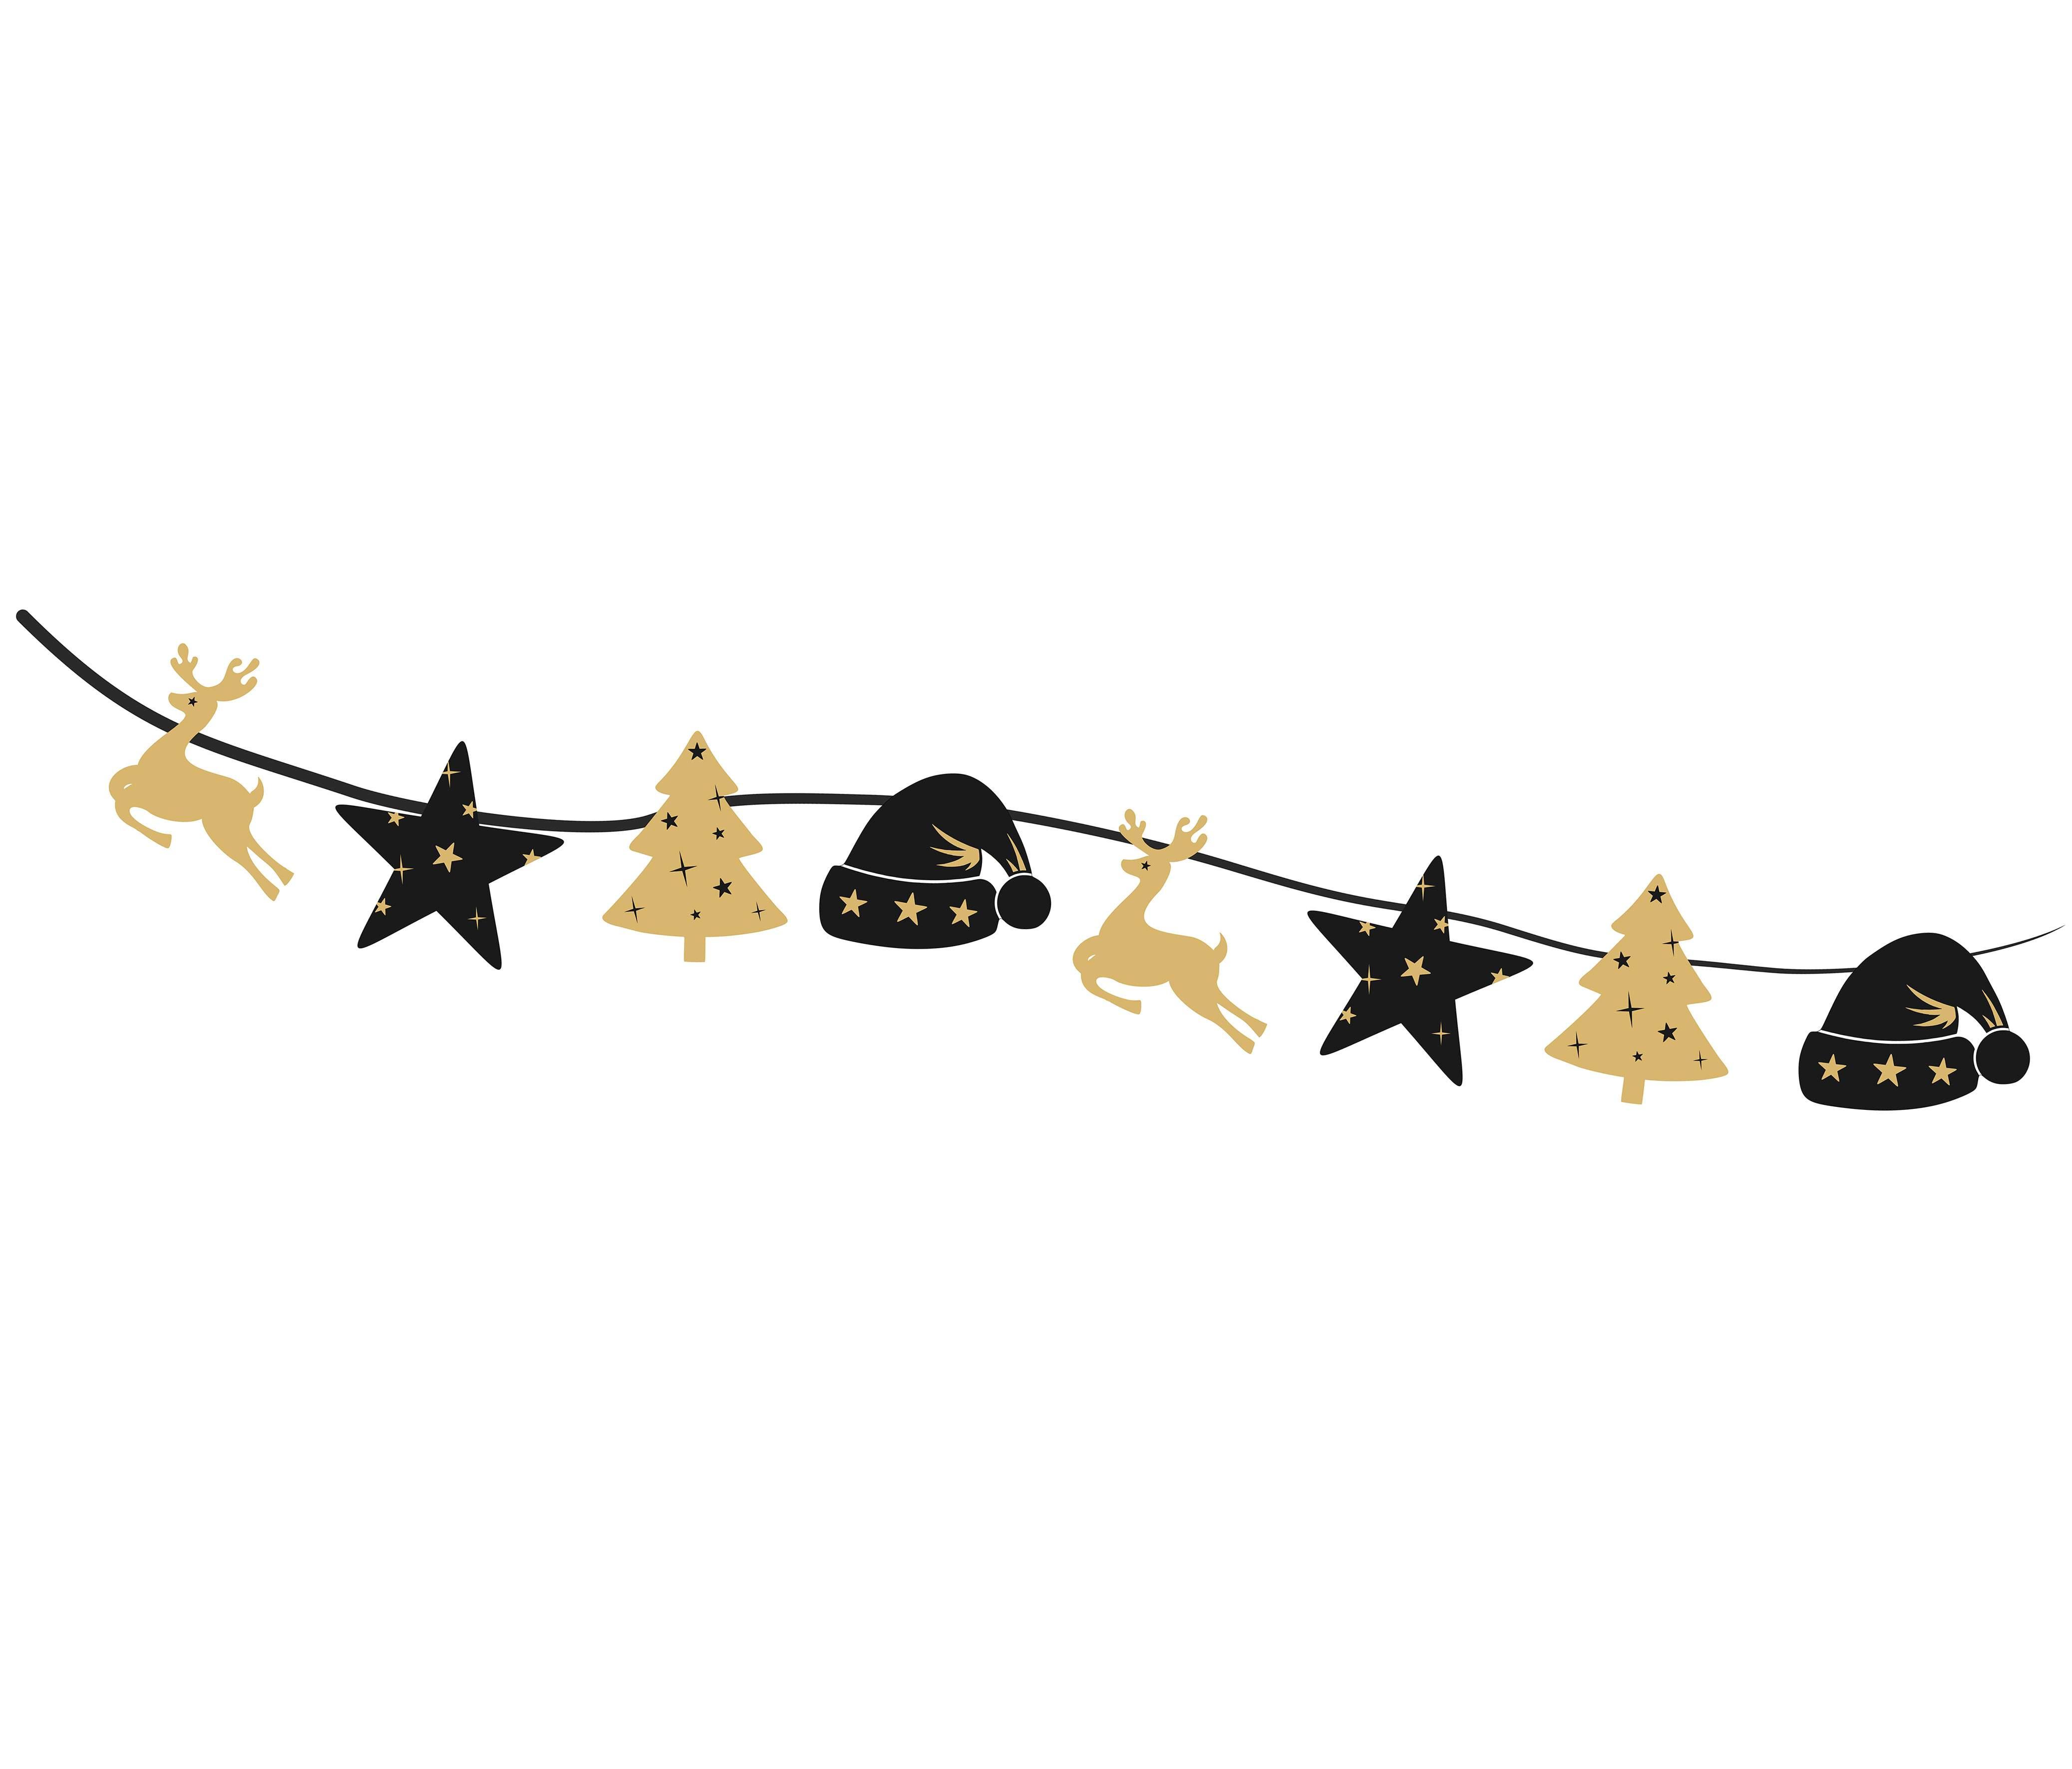 Διακοσμητική γιρλάντα κοπτικών happy new year